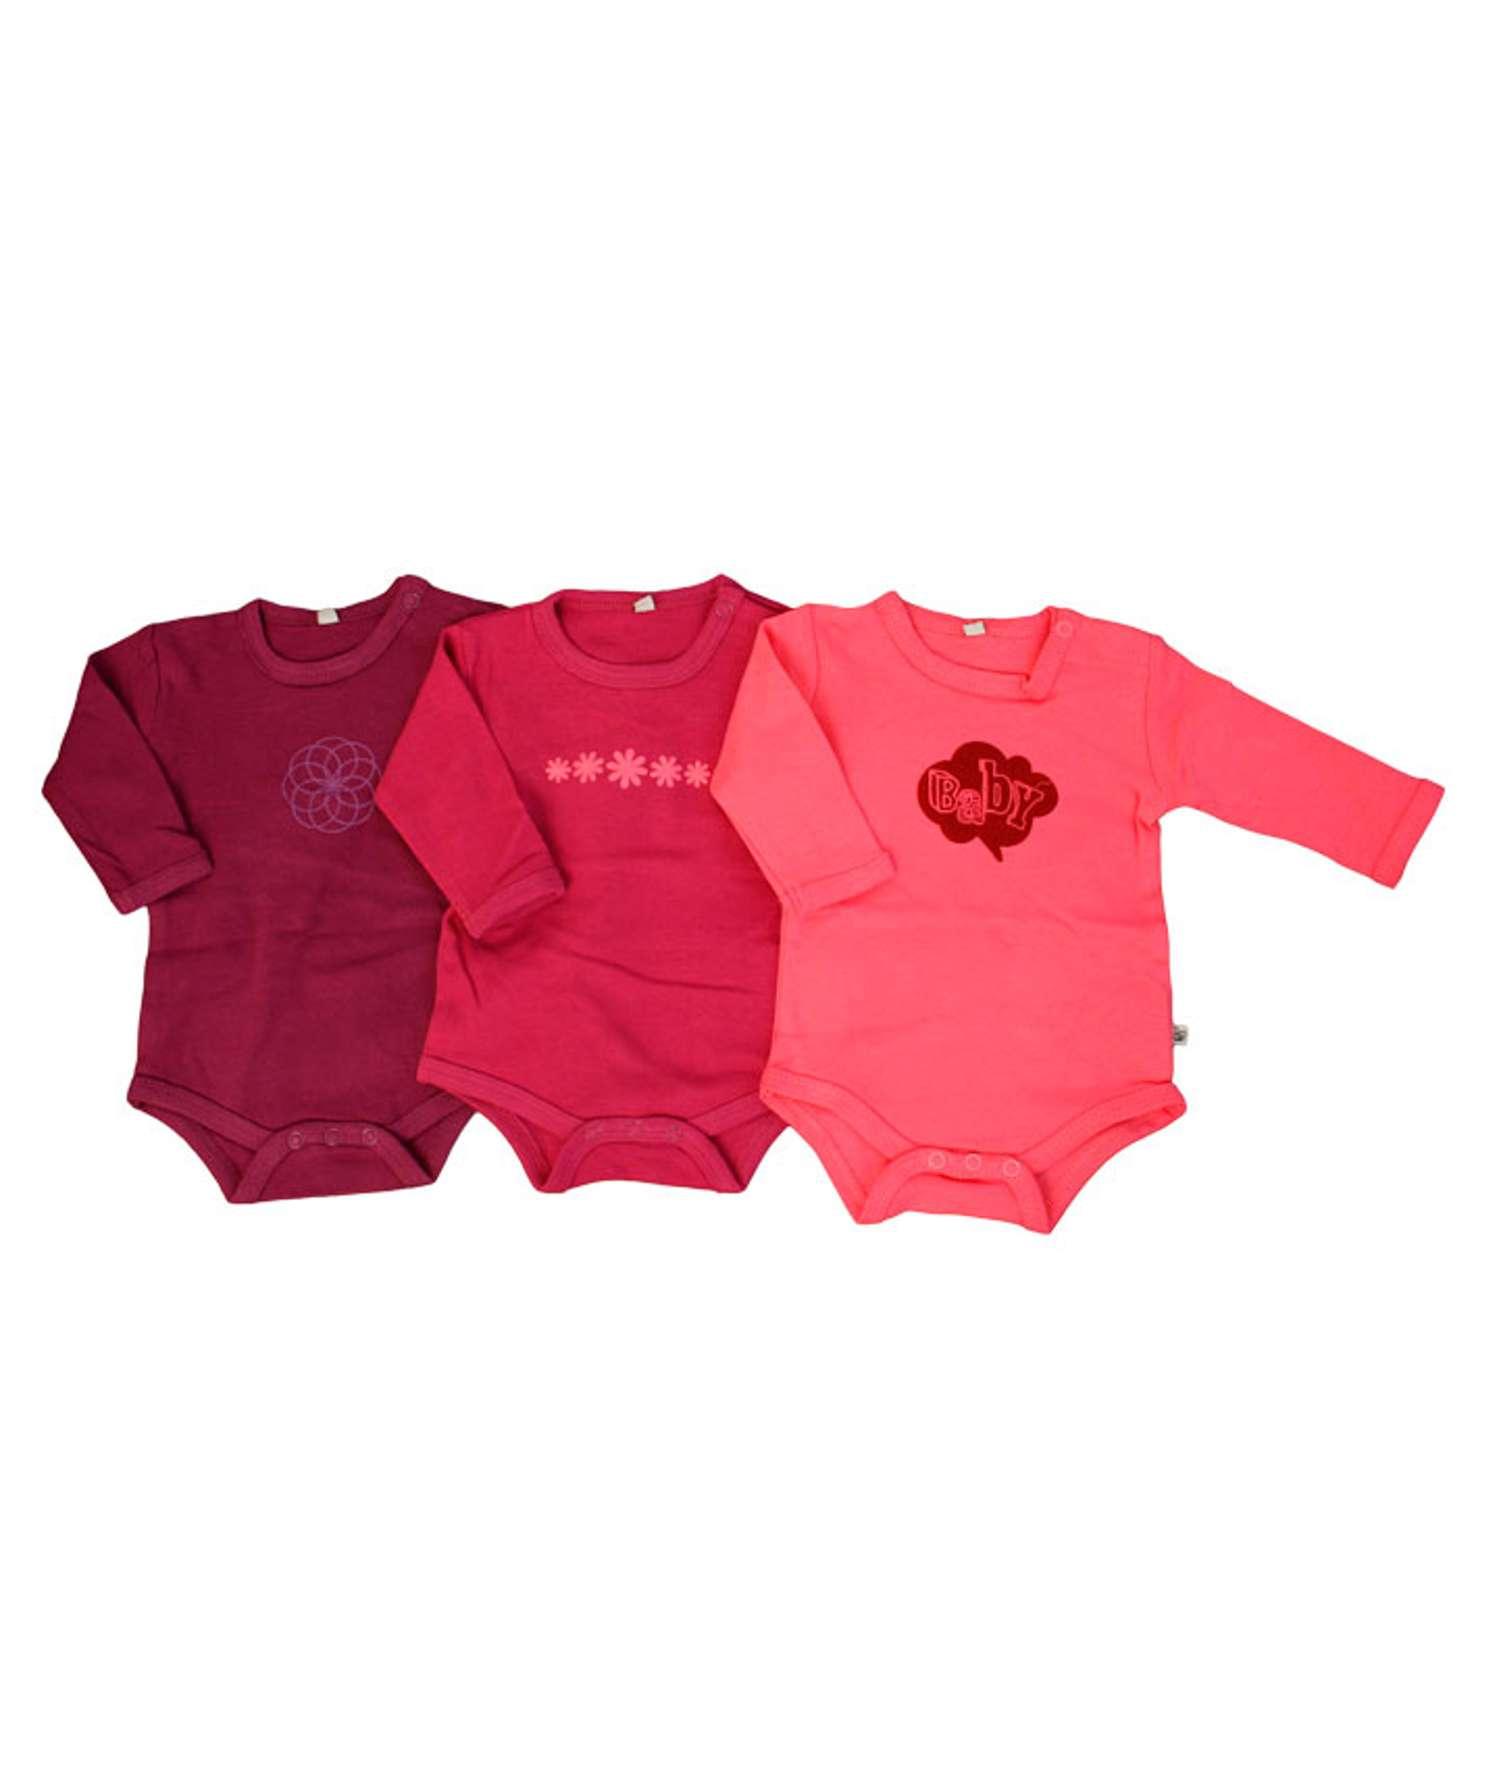 Pippi - Body langærmet - Pink - Størrelse 92